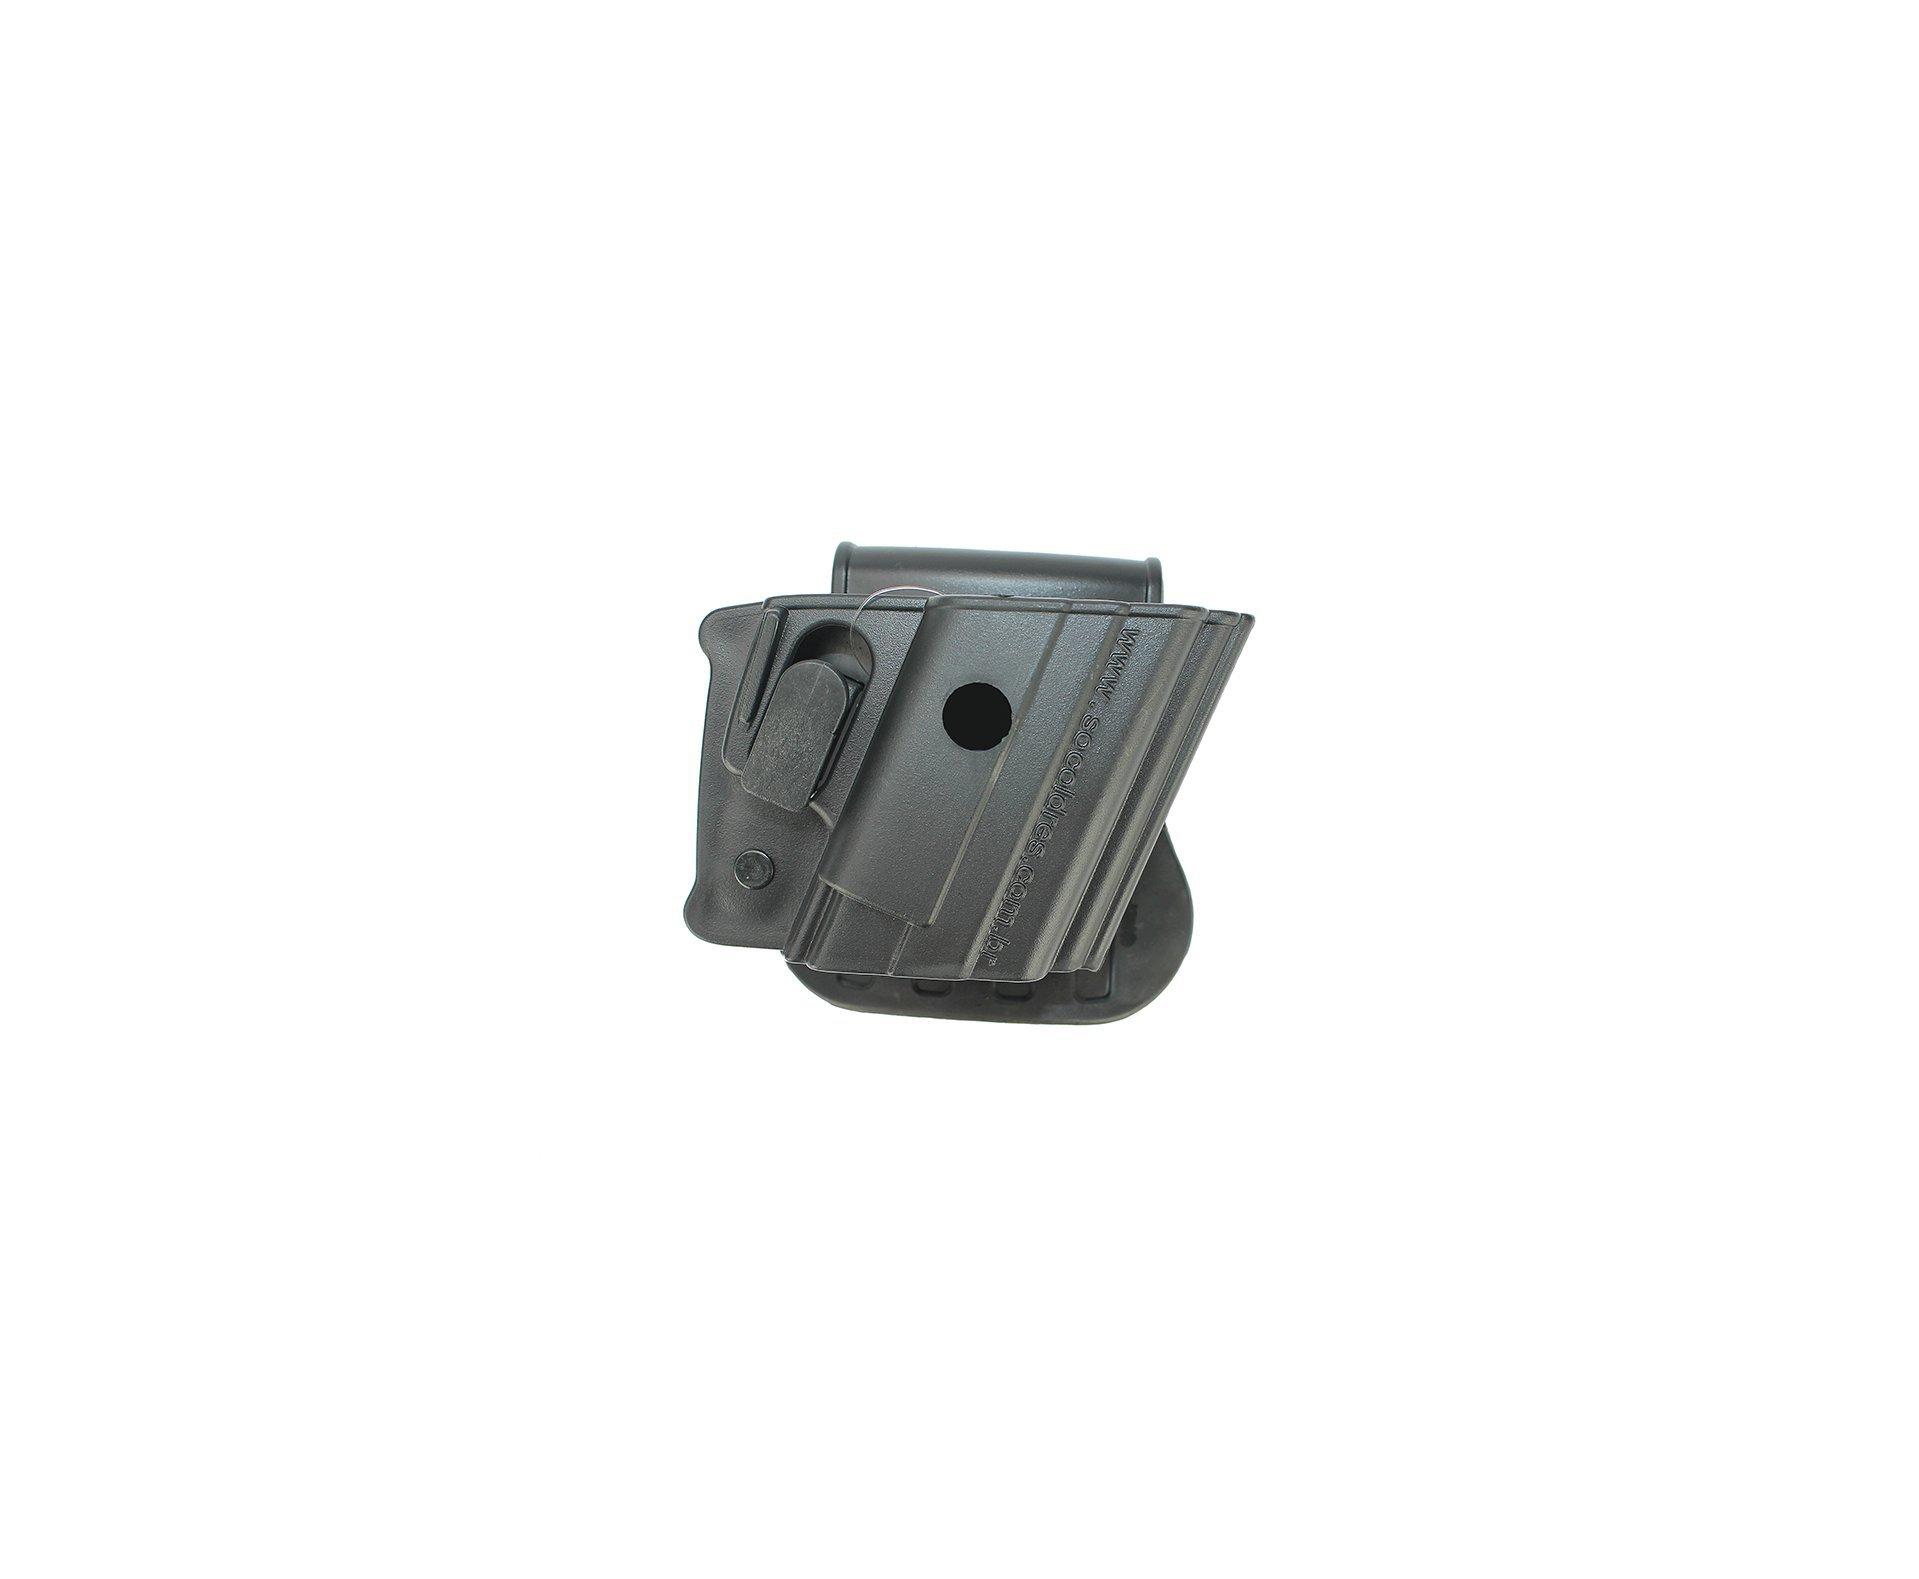 Coldre Para Pistola Universal Cintura Rotativo Com Trava - Destro So Coldres